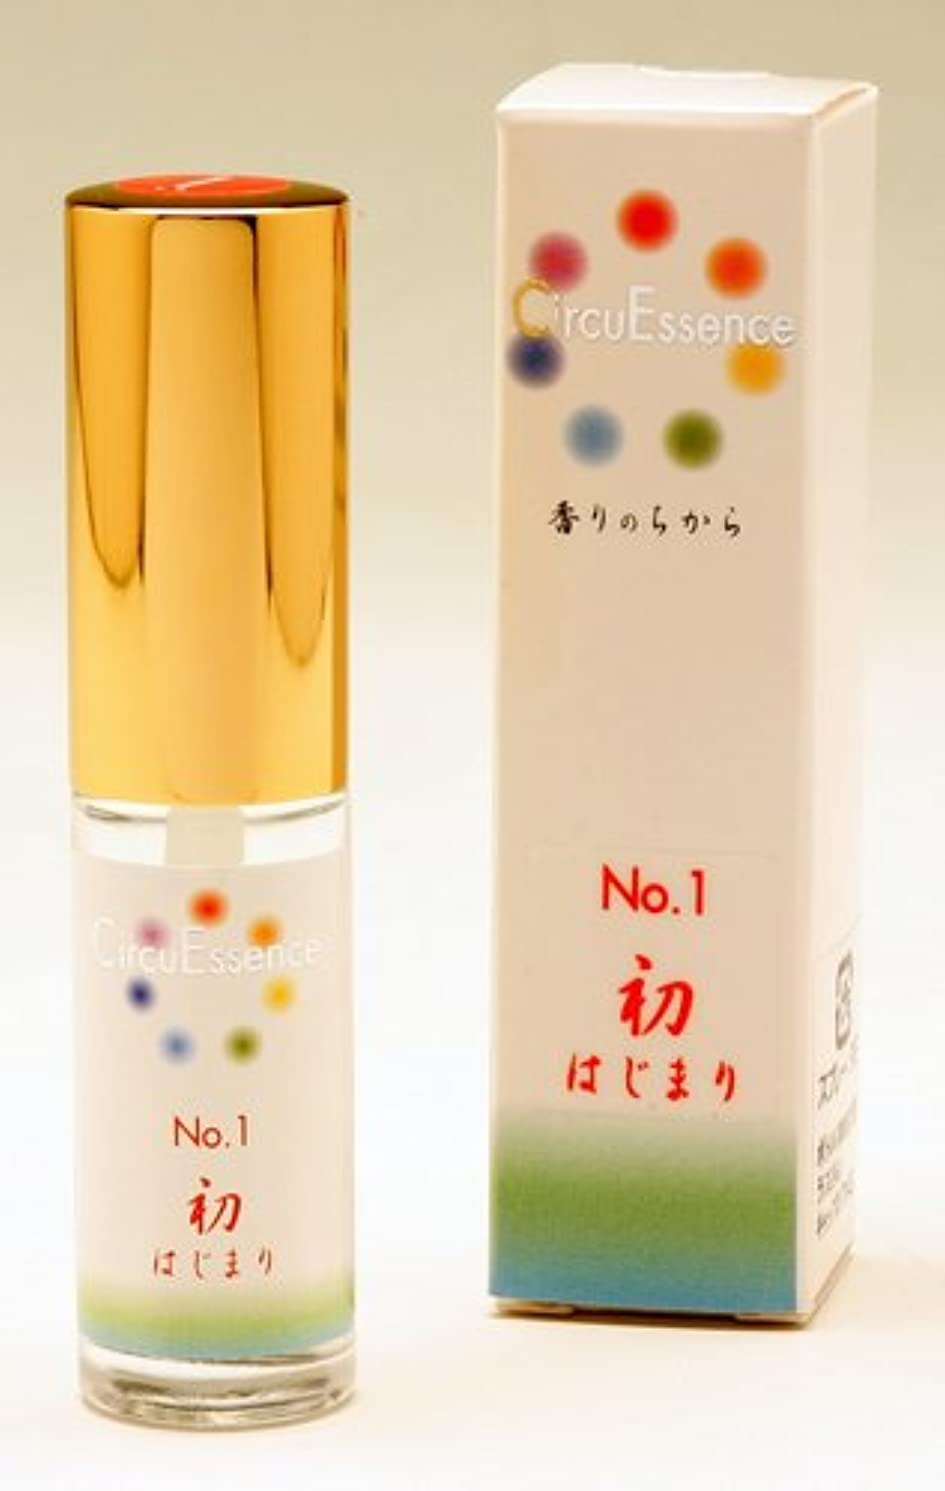 収容するタップ三サーキュエッセンス No.1(初 はじまり)5ml